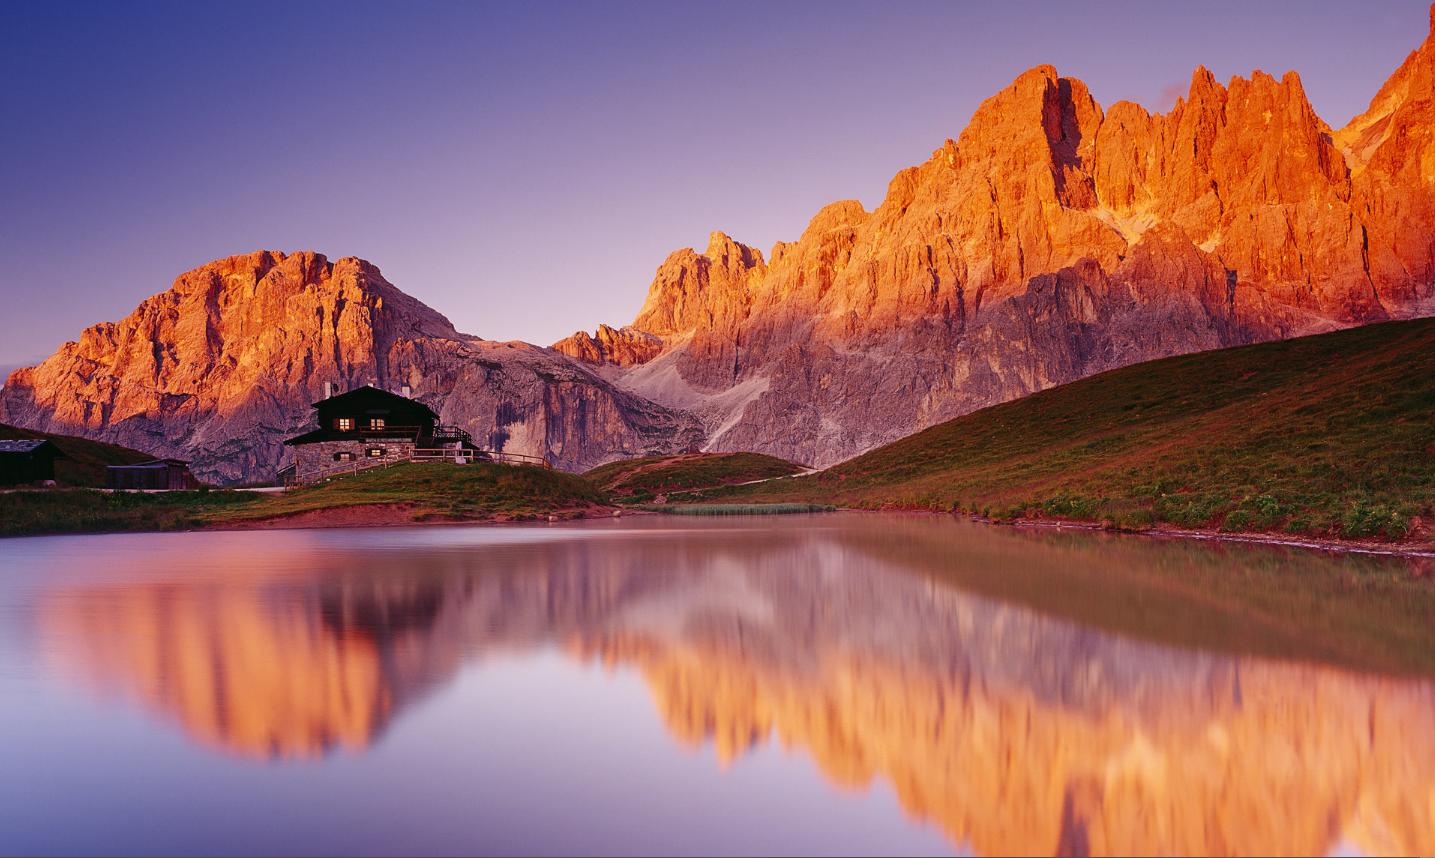 Dolomiti Parco Naturale Paneveggio Pale Di San Martino Trento